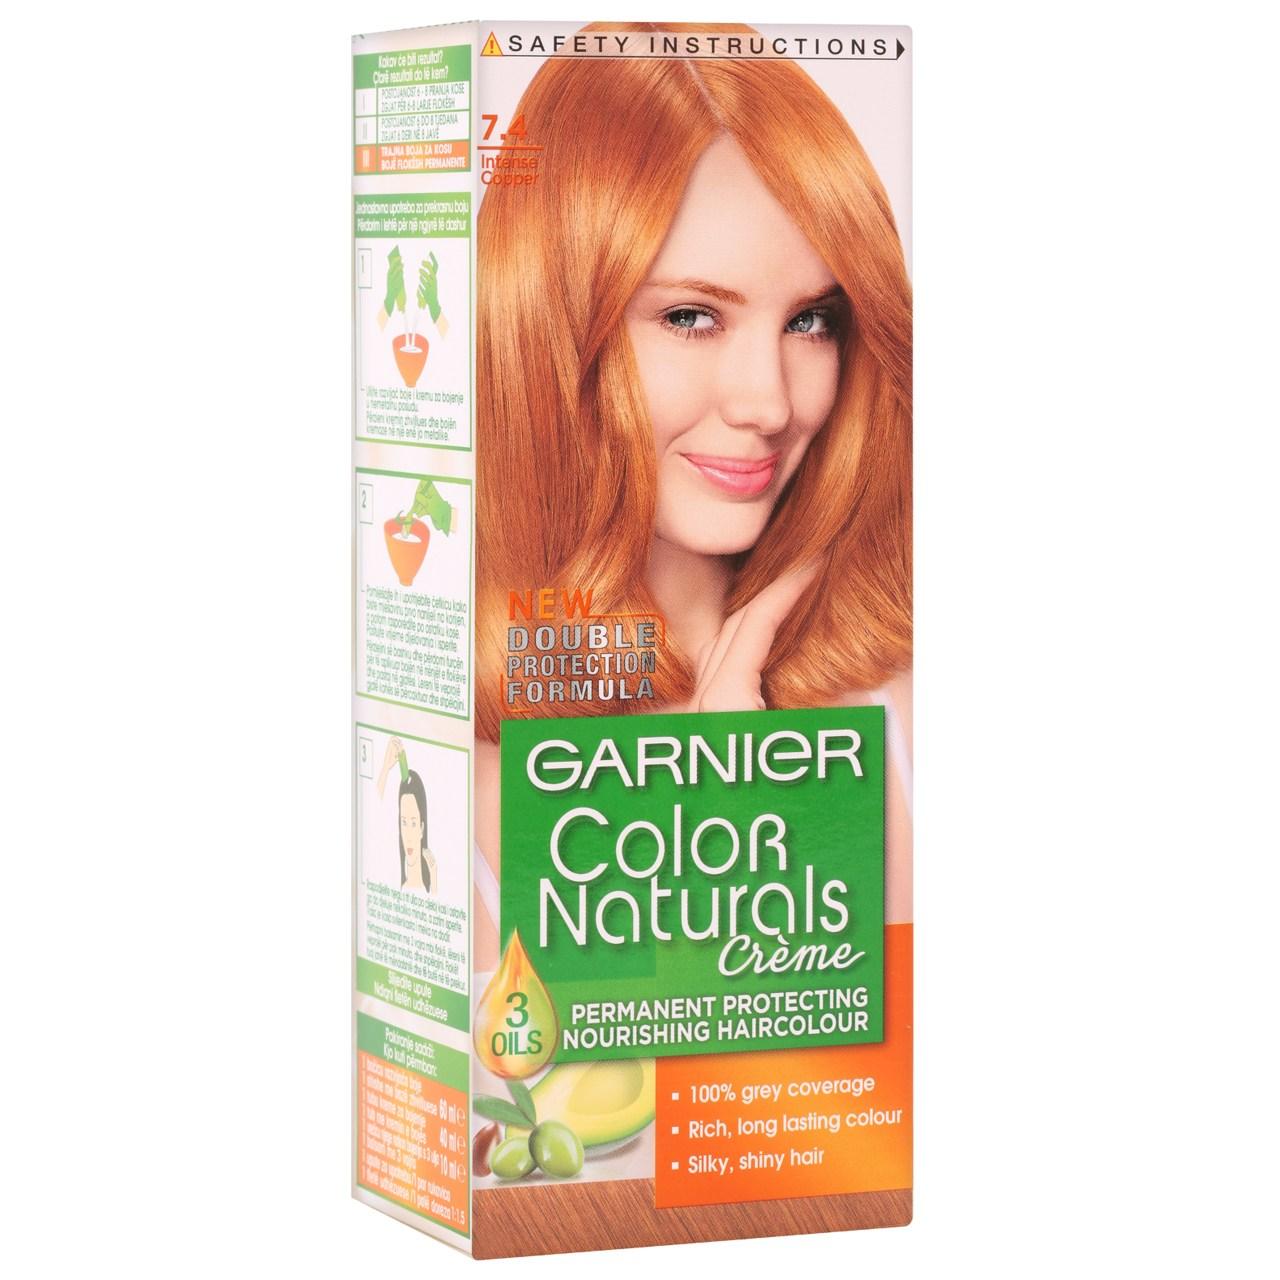 کیت رنگ مو گارنیه شماره Color Naturals Adria Shade 7.4